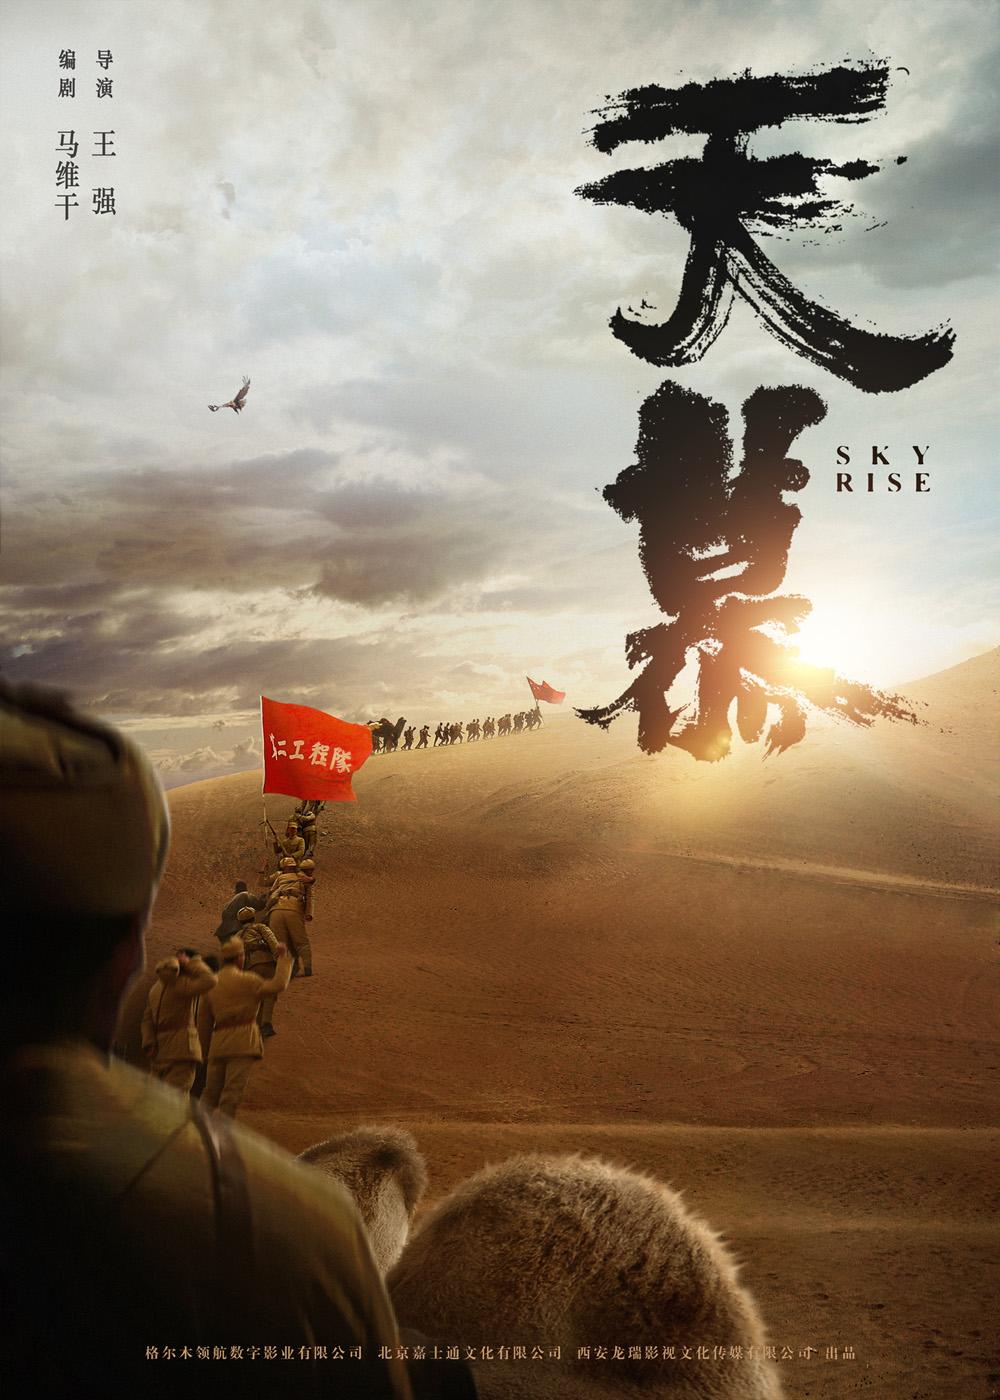 2018 中国《天慕》本片讲述1954年慕生忠将军带领部队两次向西藏运粮